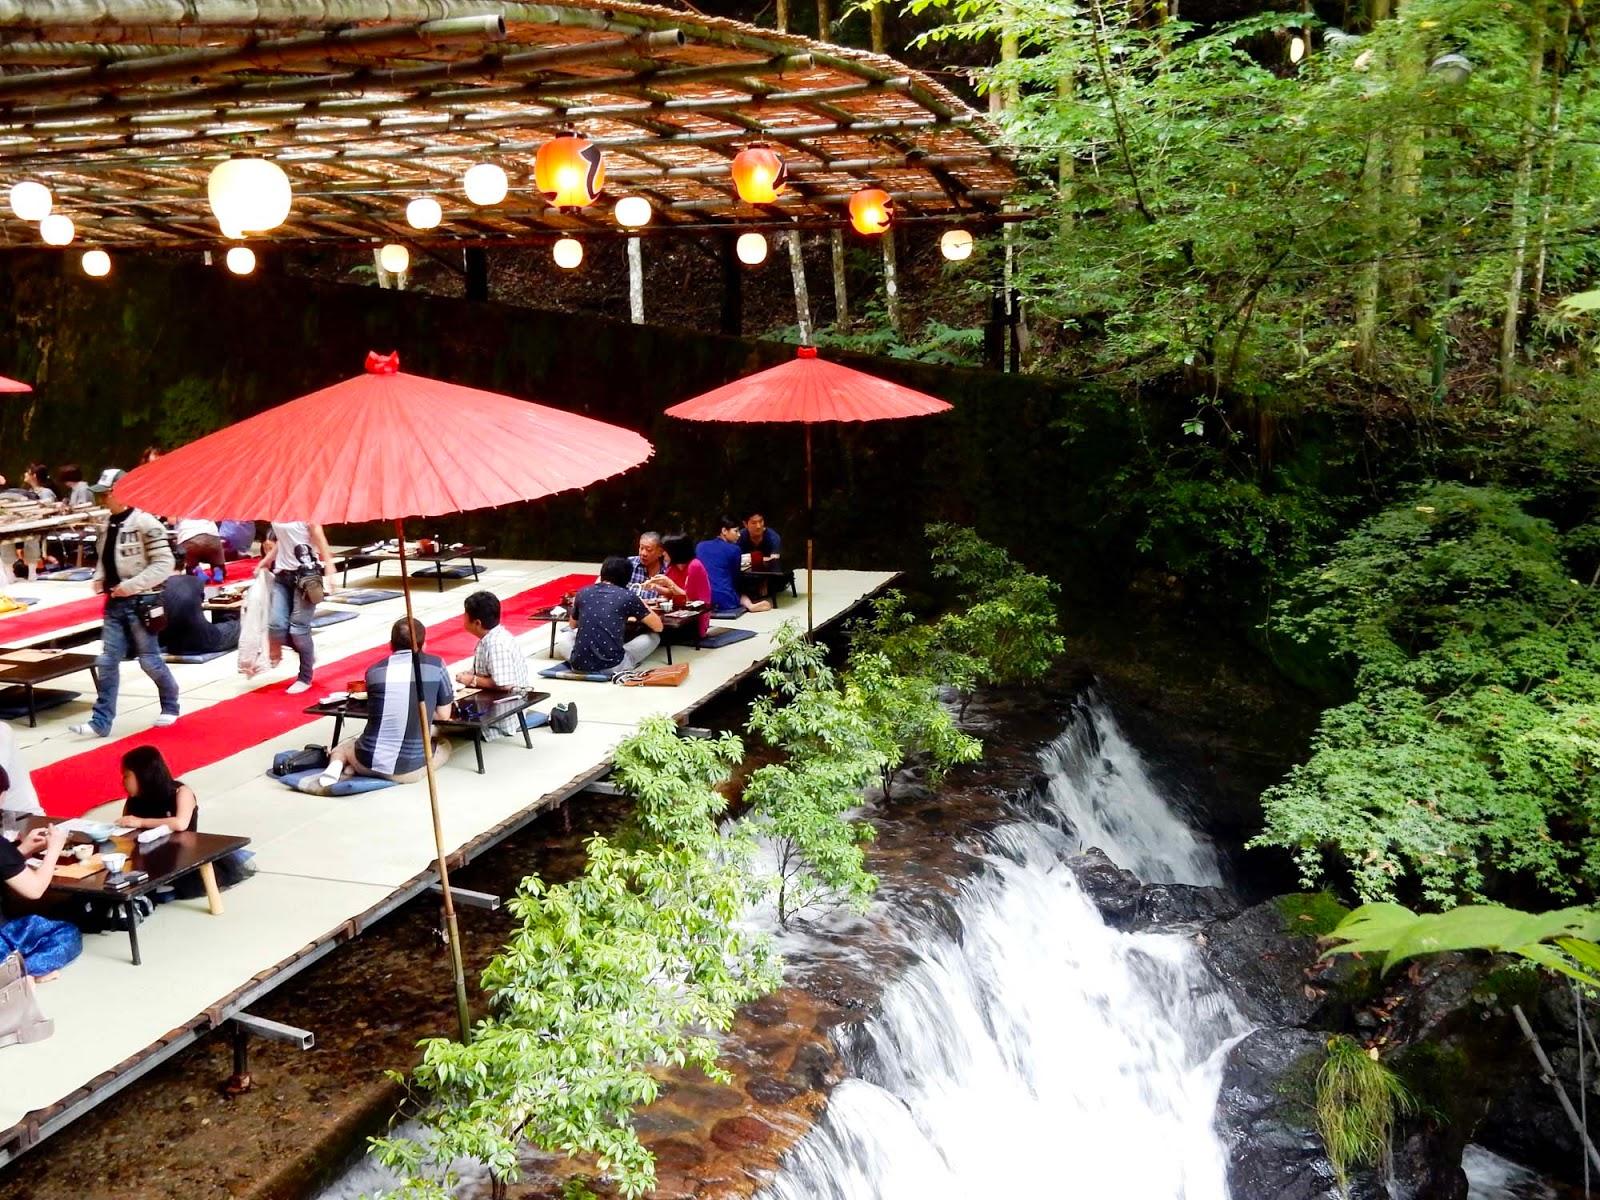 Lunch On a Waterfall in Kibune